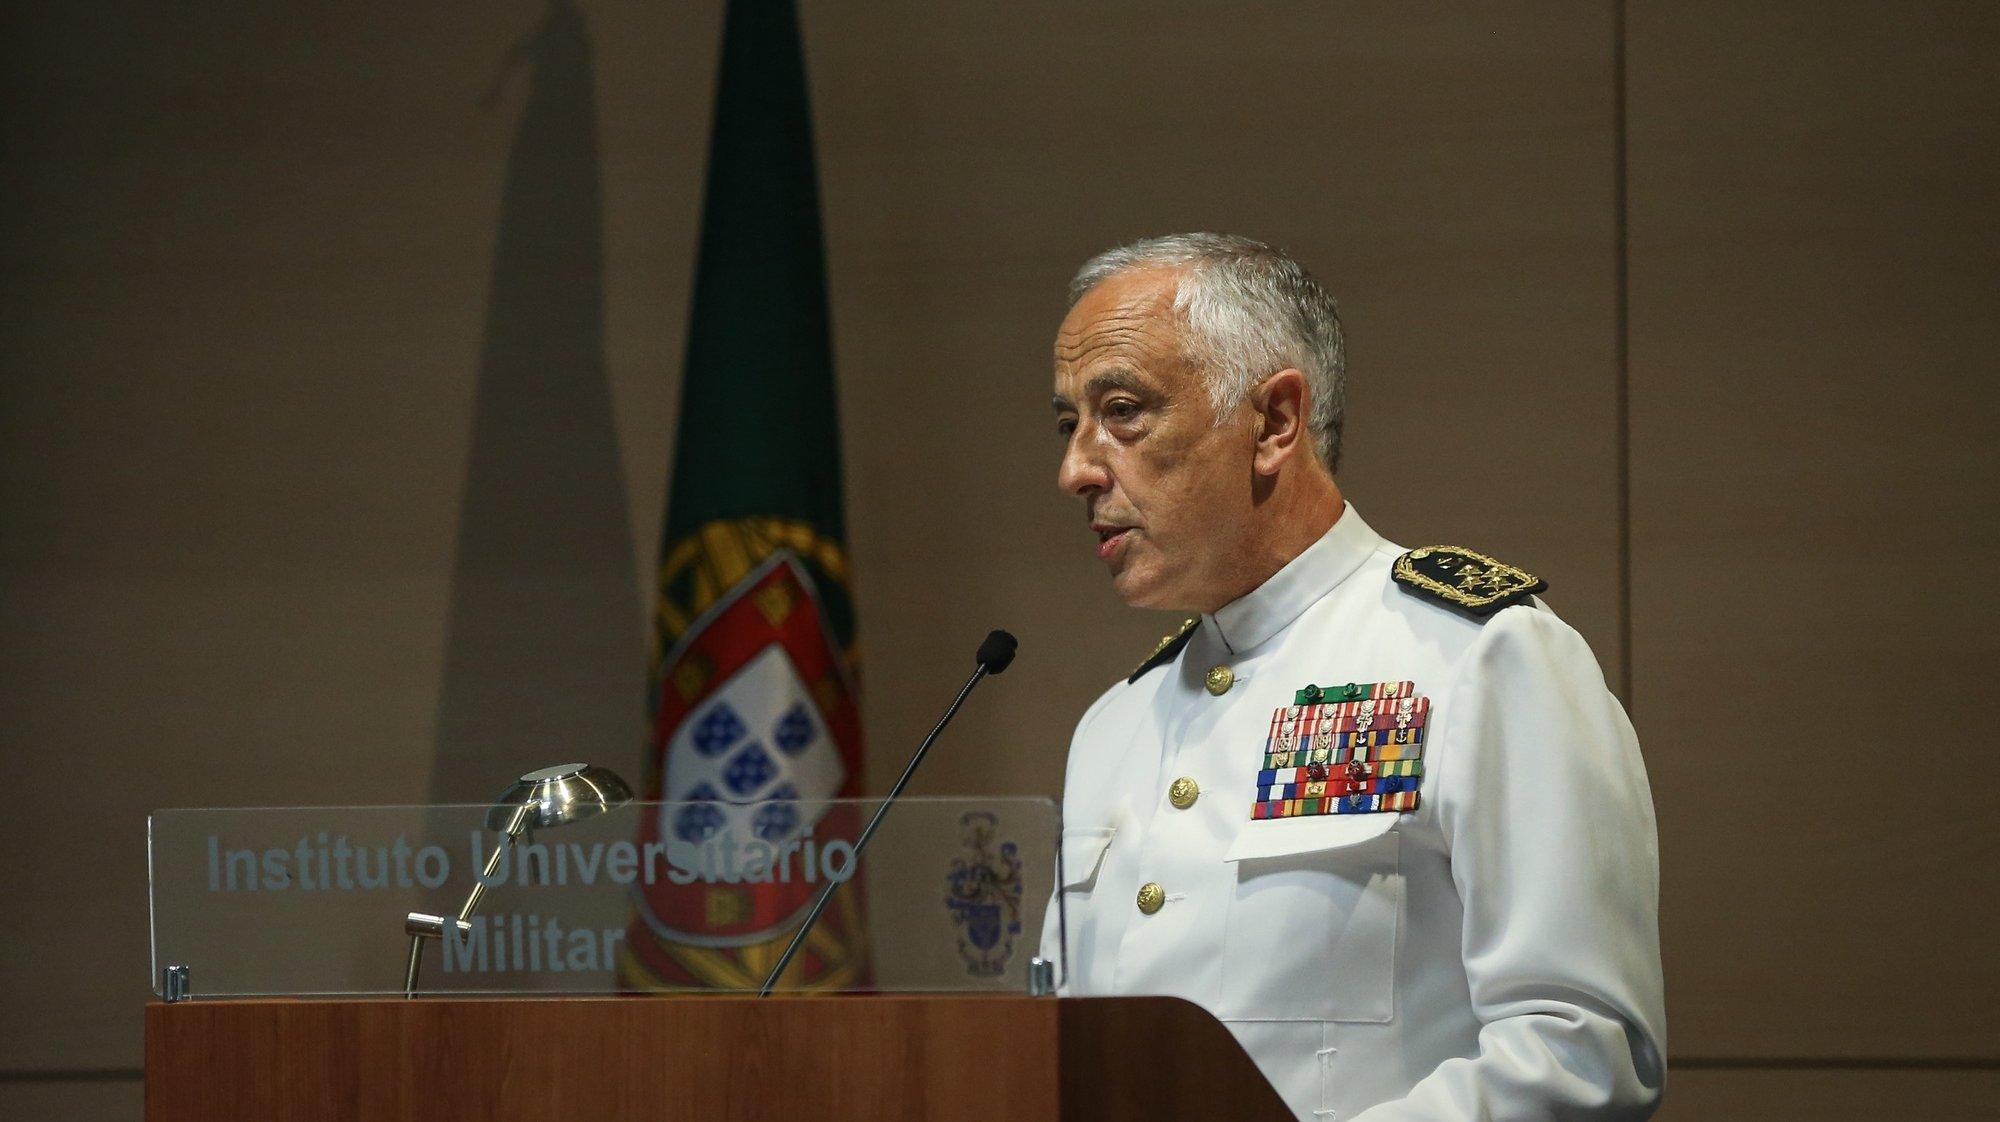 O Chefe do Estado-Maior-General das Forças Armadas, Almirante António Silva Ribeiro, discursa na cerimónia das comemorações do Dia do Estado-Maior-General das Forças Armadas, no Instituto Universitário Militar, em Lisboa, 14 de setembro de 2021.  RODRIGO ANTUNES/LUSA